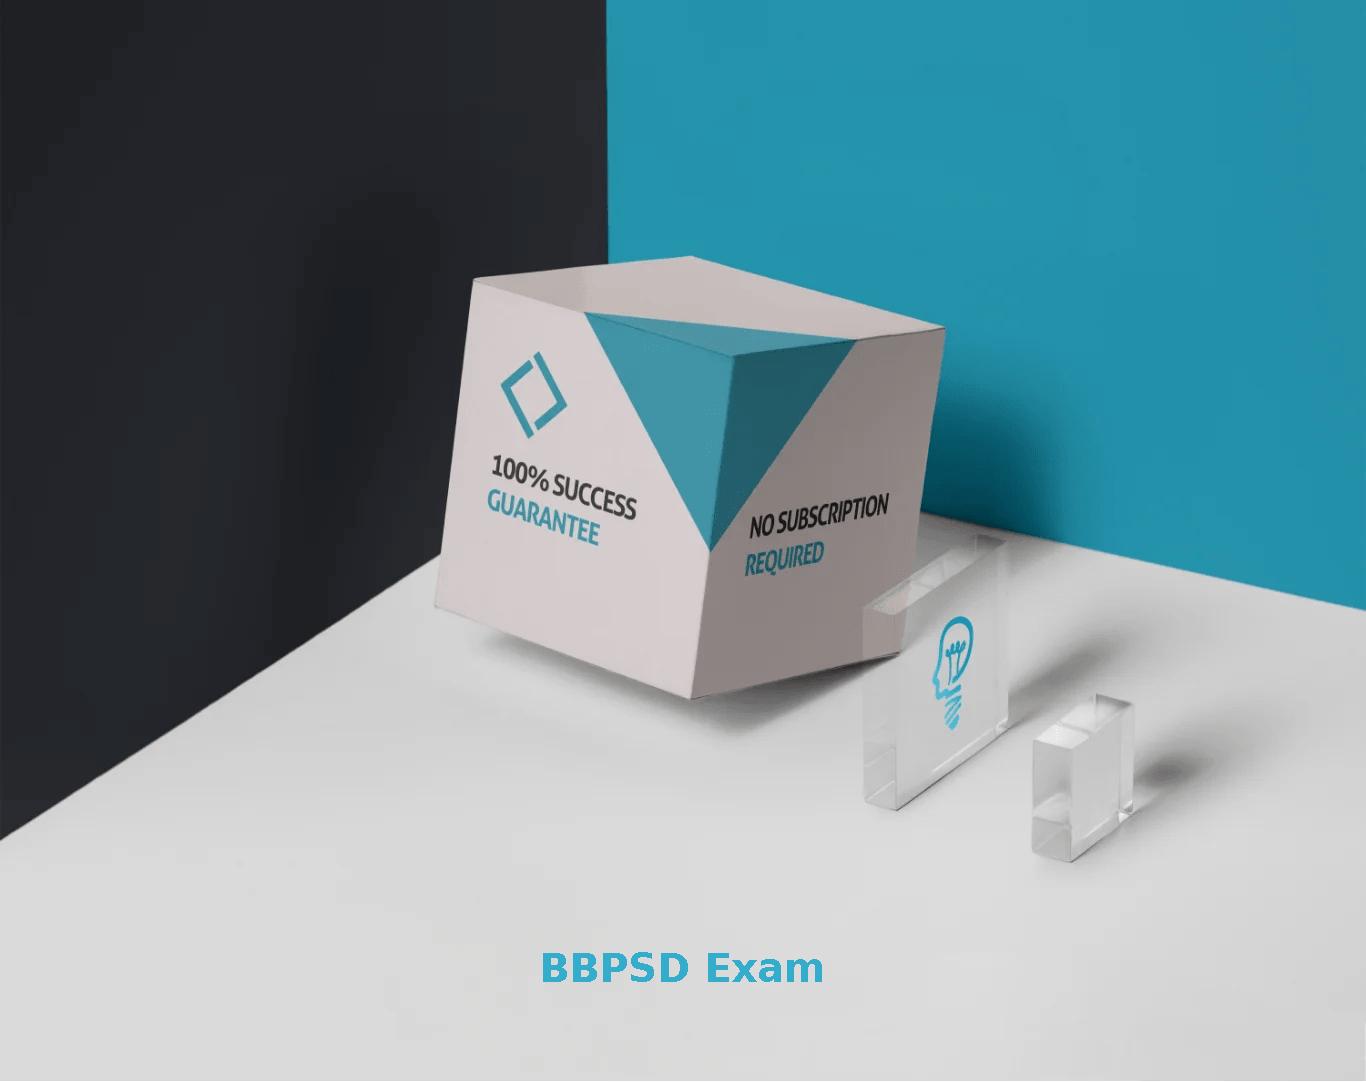 BBPSD Exam Dumps